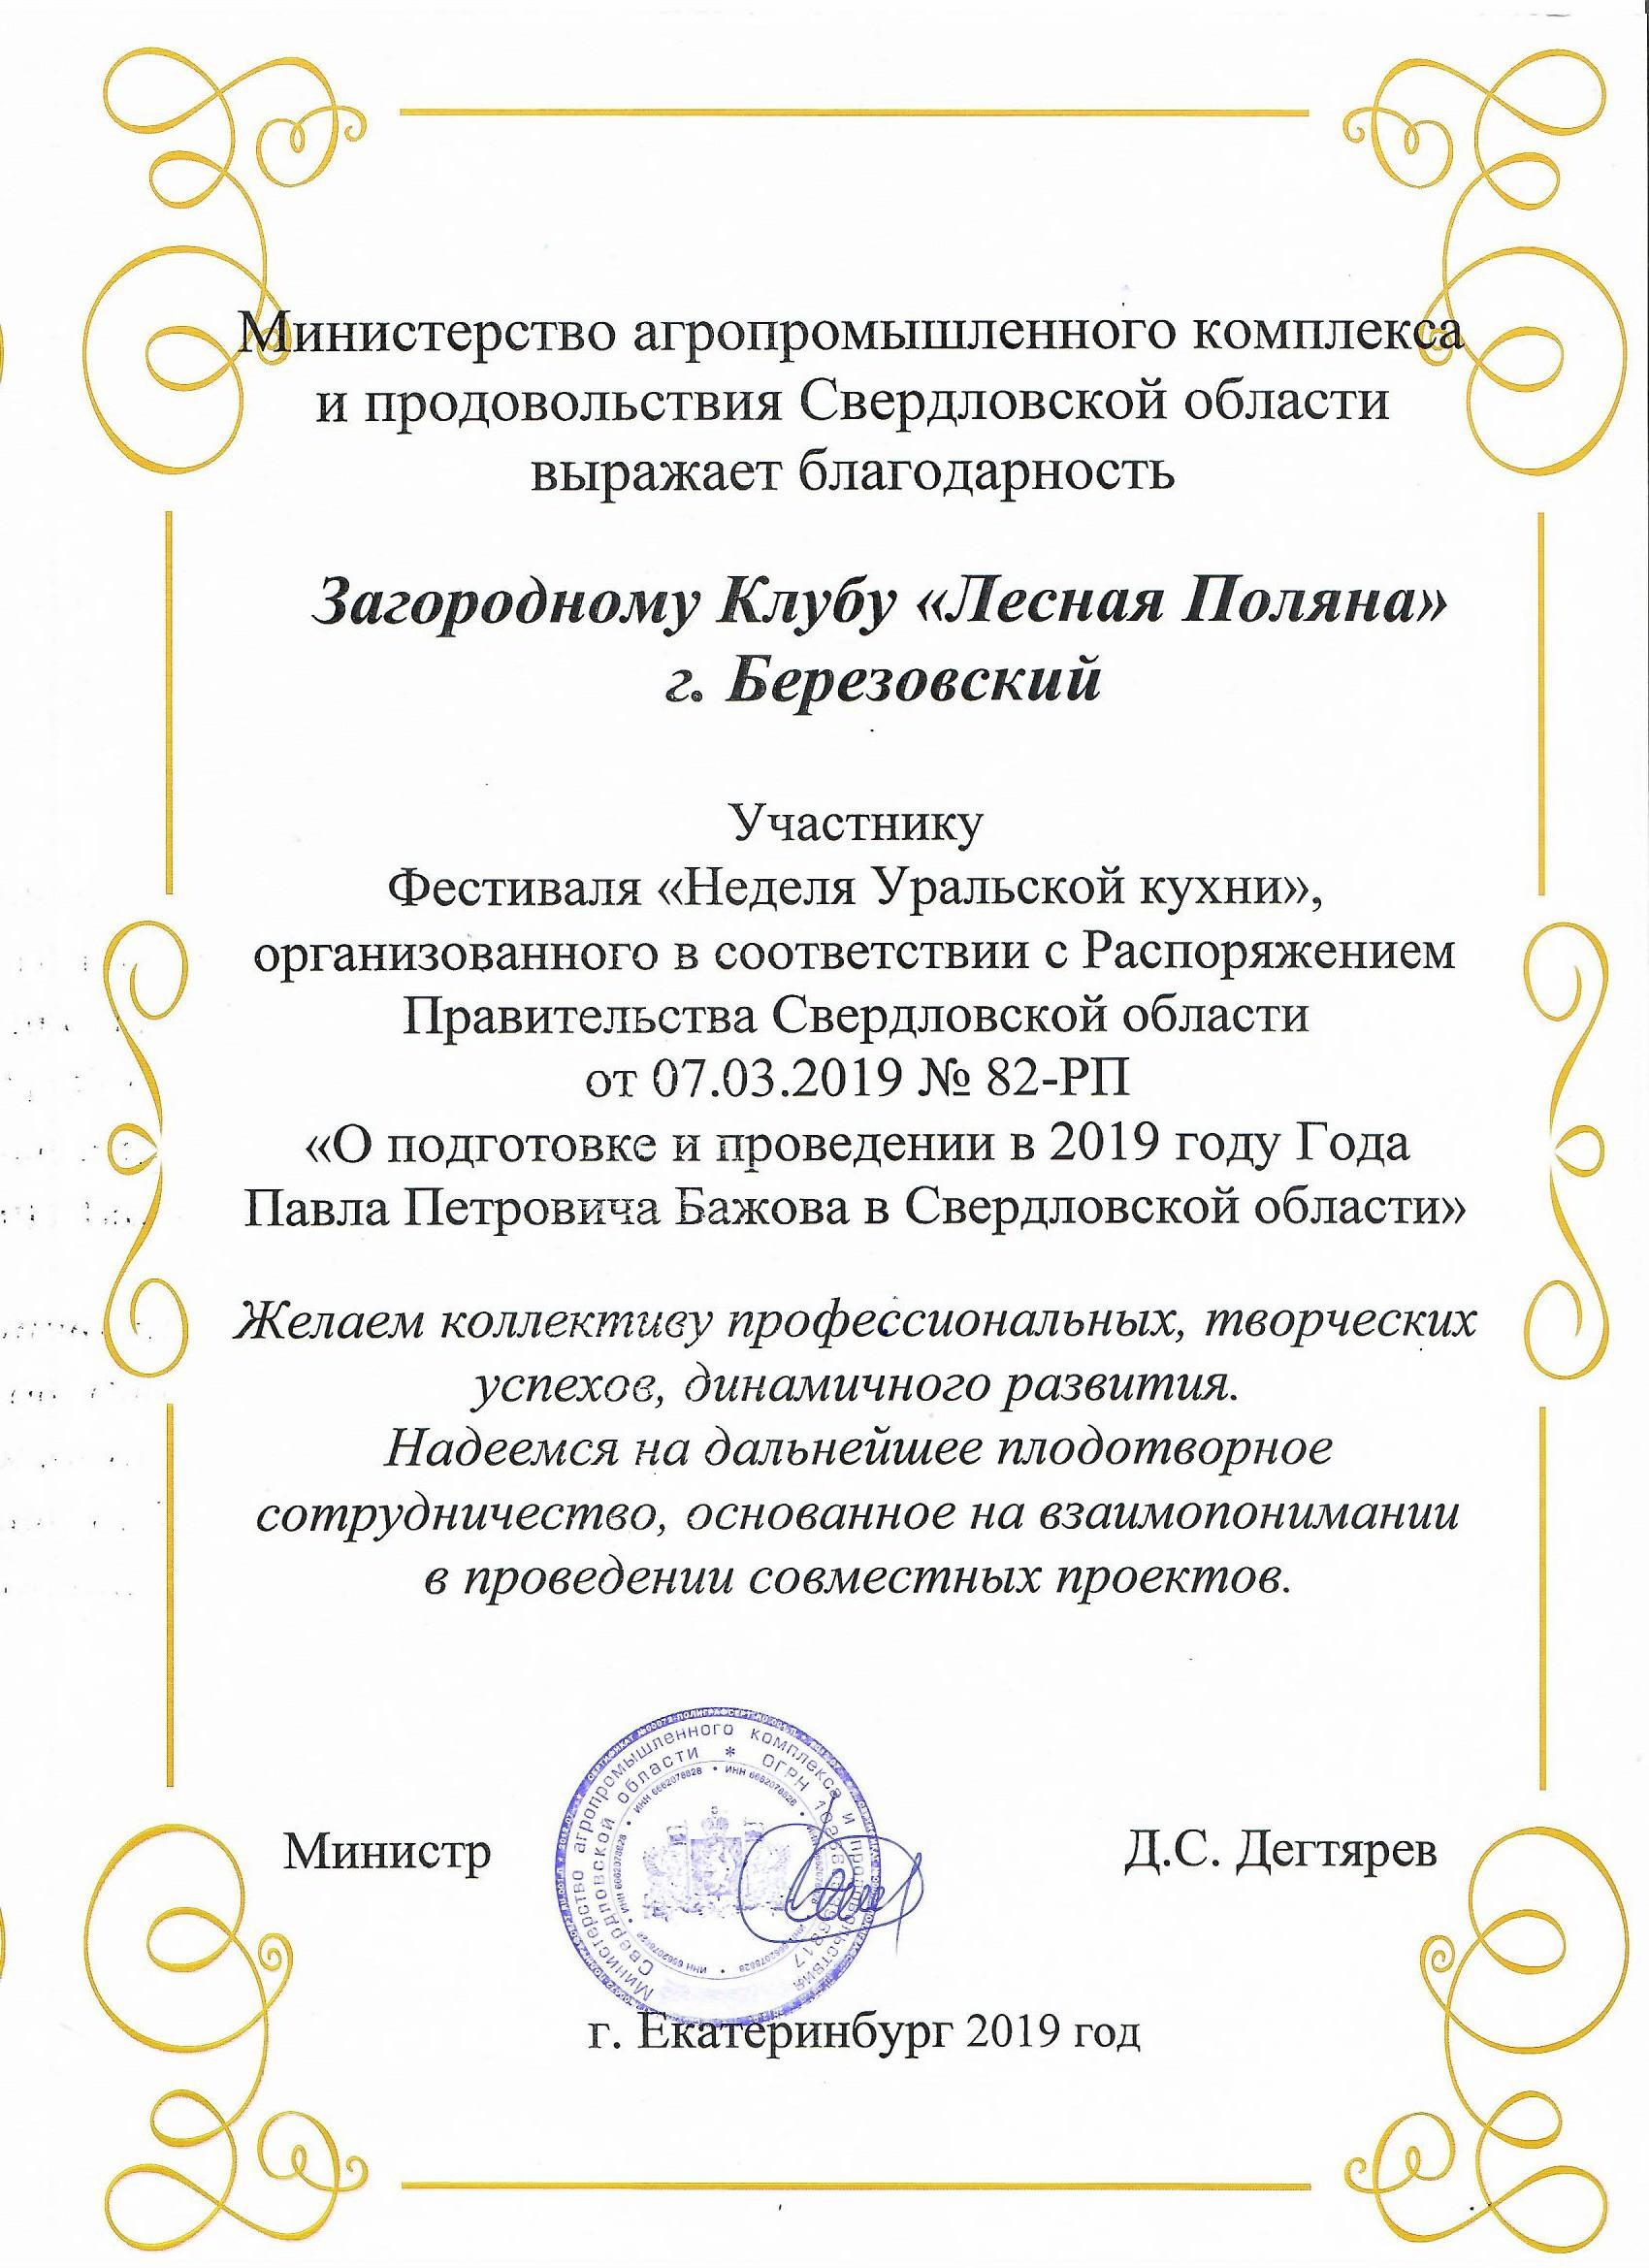 Завершился фестиваль «Неделя Уральской кухни»